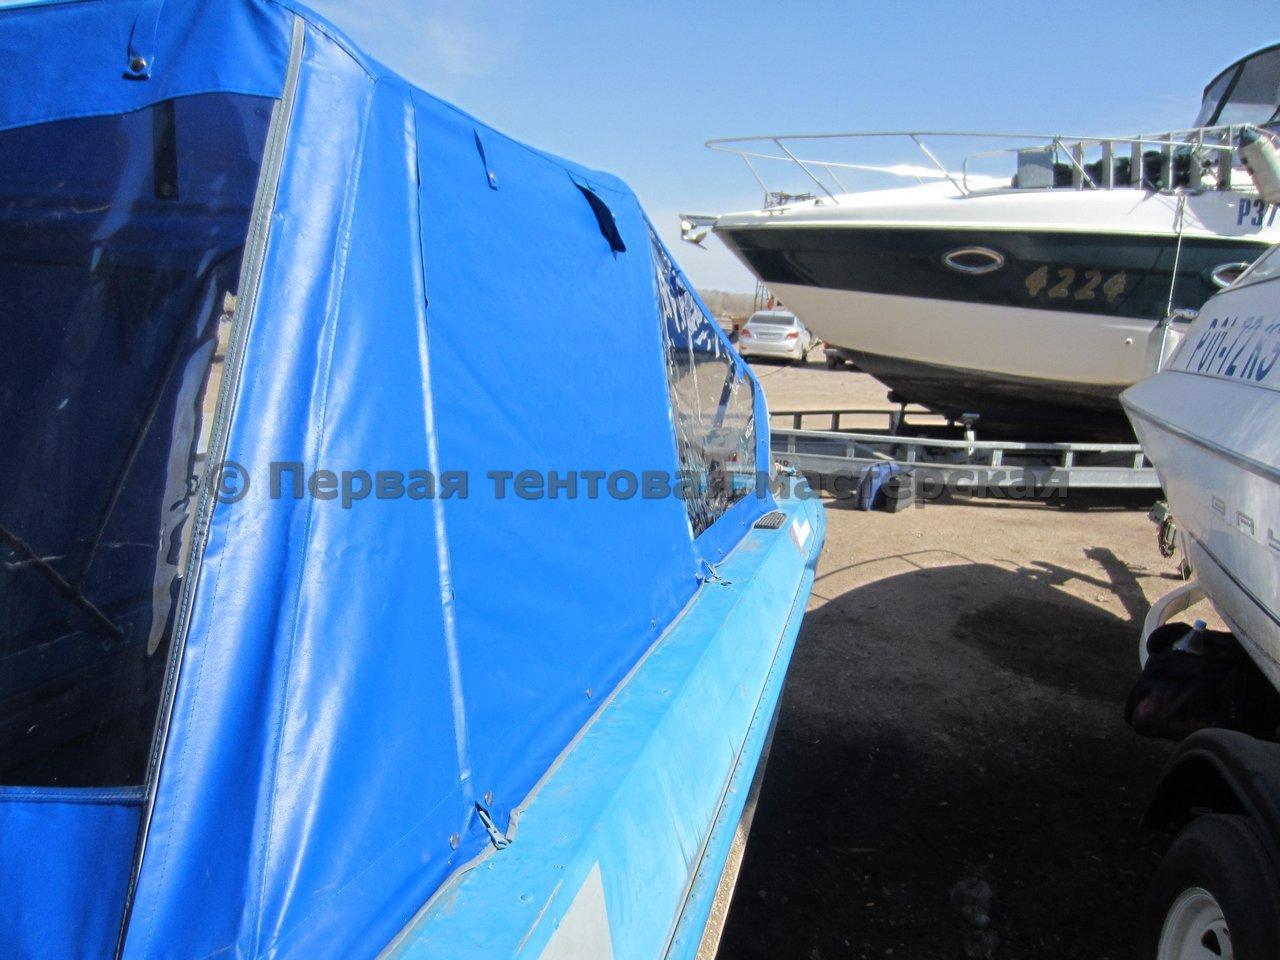 tents1404_019